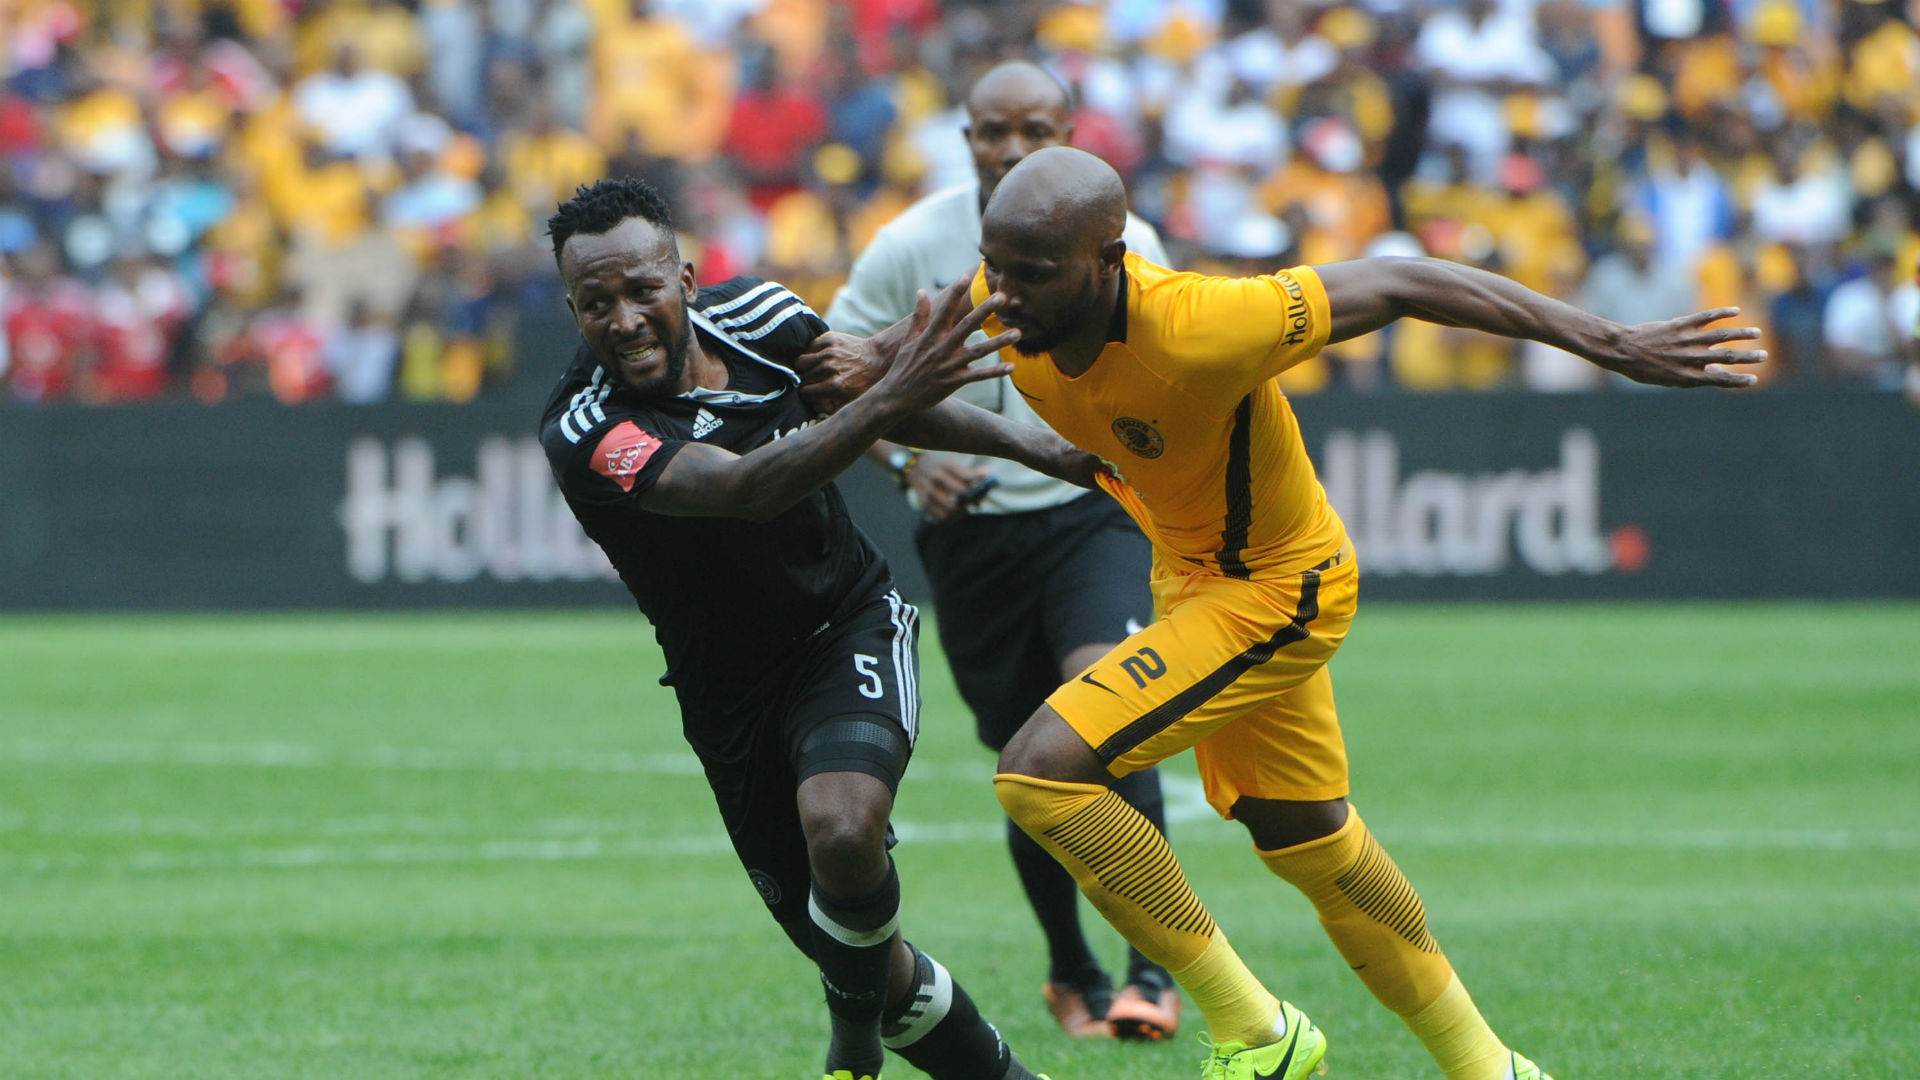 Mpho Makola and Ramahlwe Mphahlele - Kaizer Chiefs v Orlando Pirates